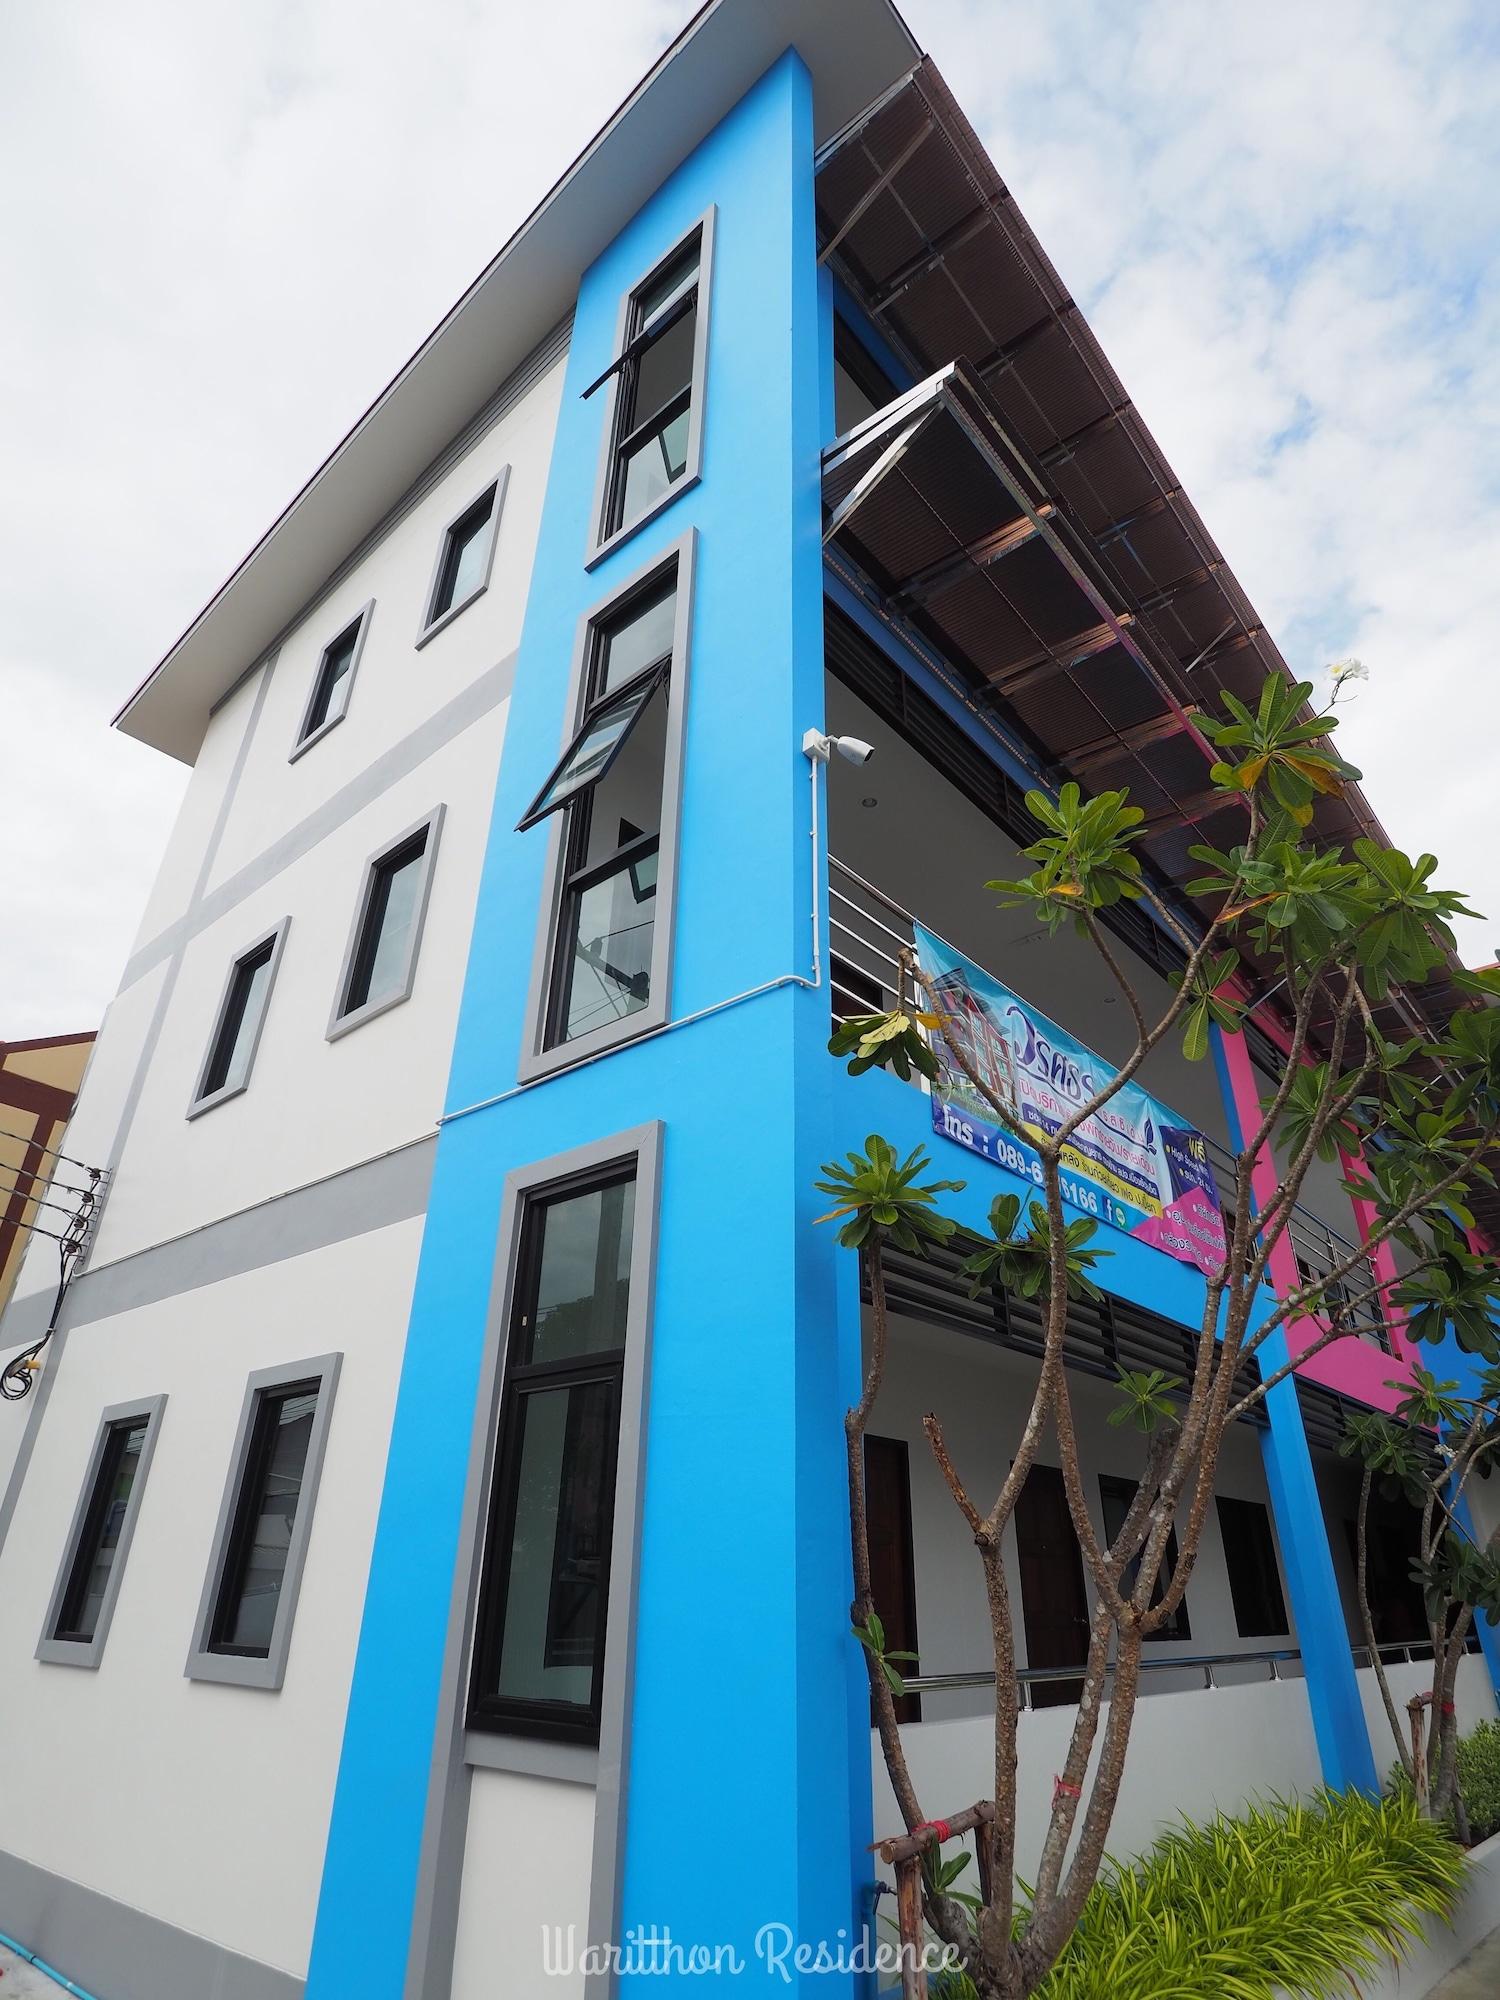 Waritthon Residence, Muang Roi Et